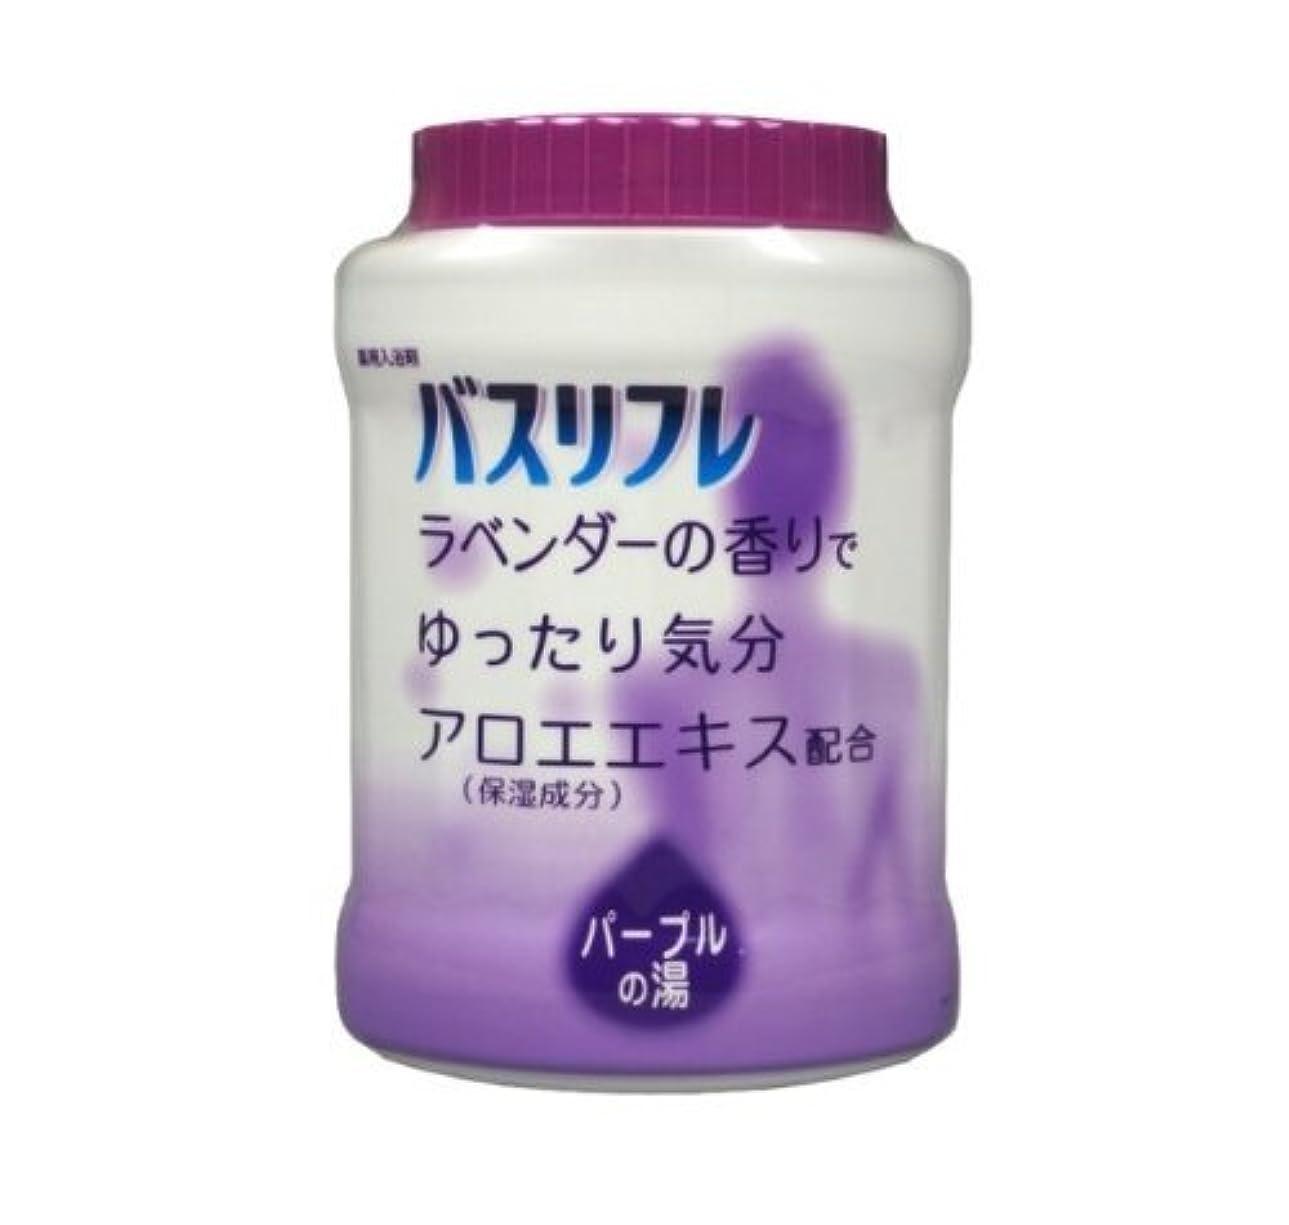 入植者放課後払い戻しバスリフレ 薬用入浴剤 ラベンダーの香り 680G Japan